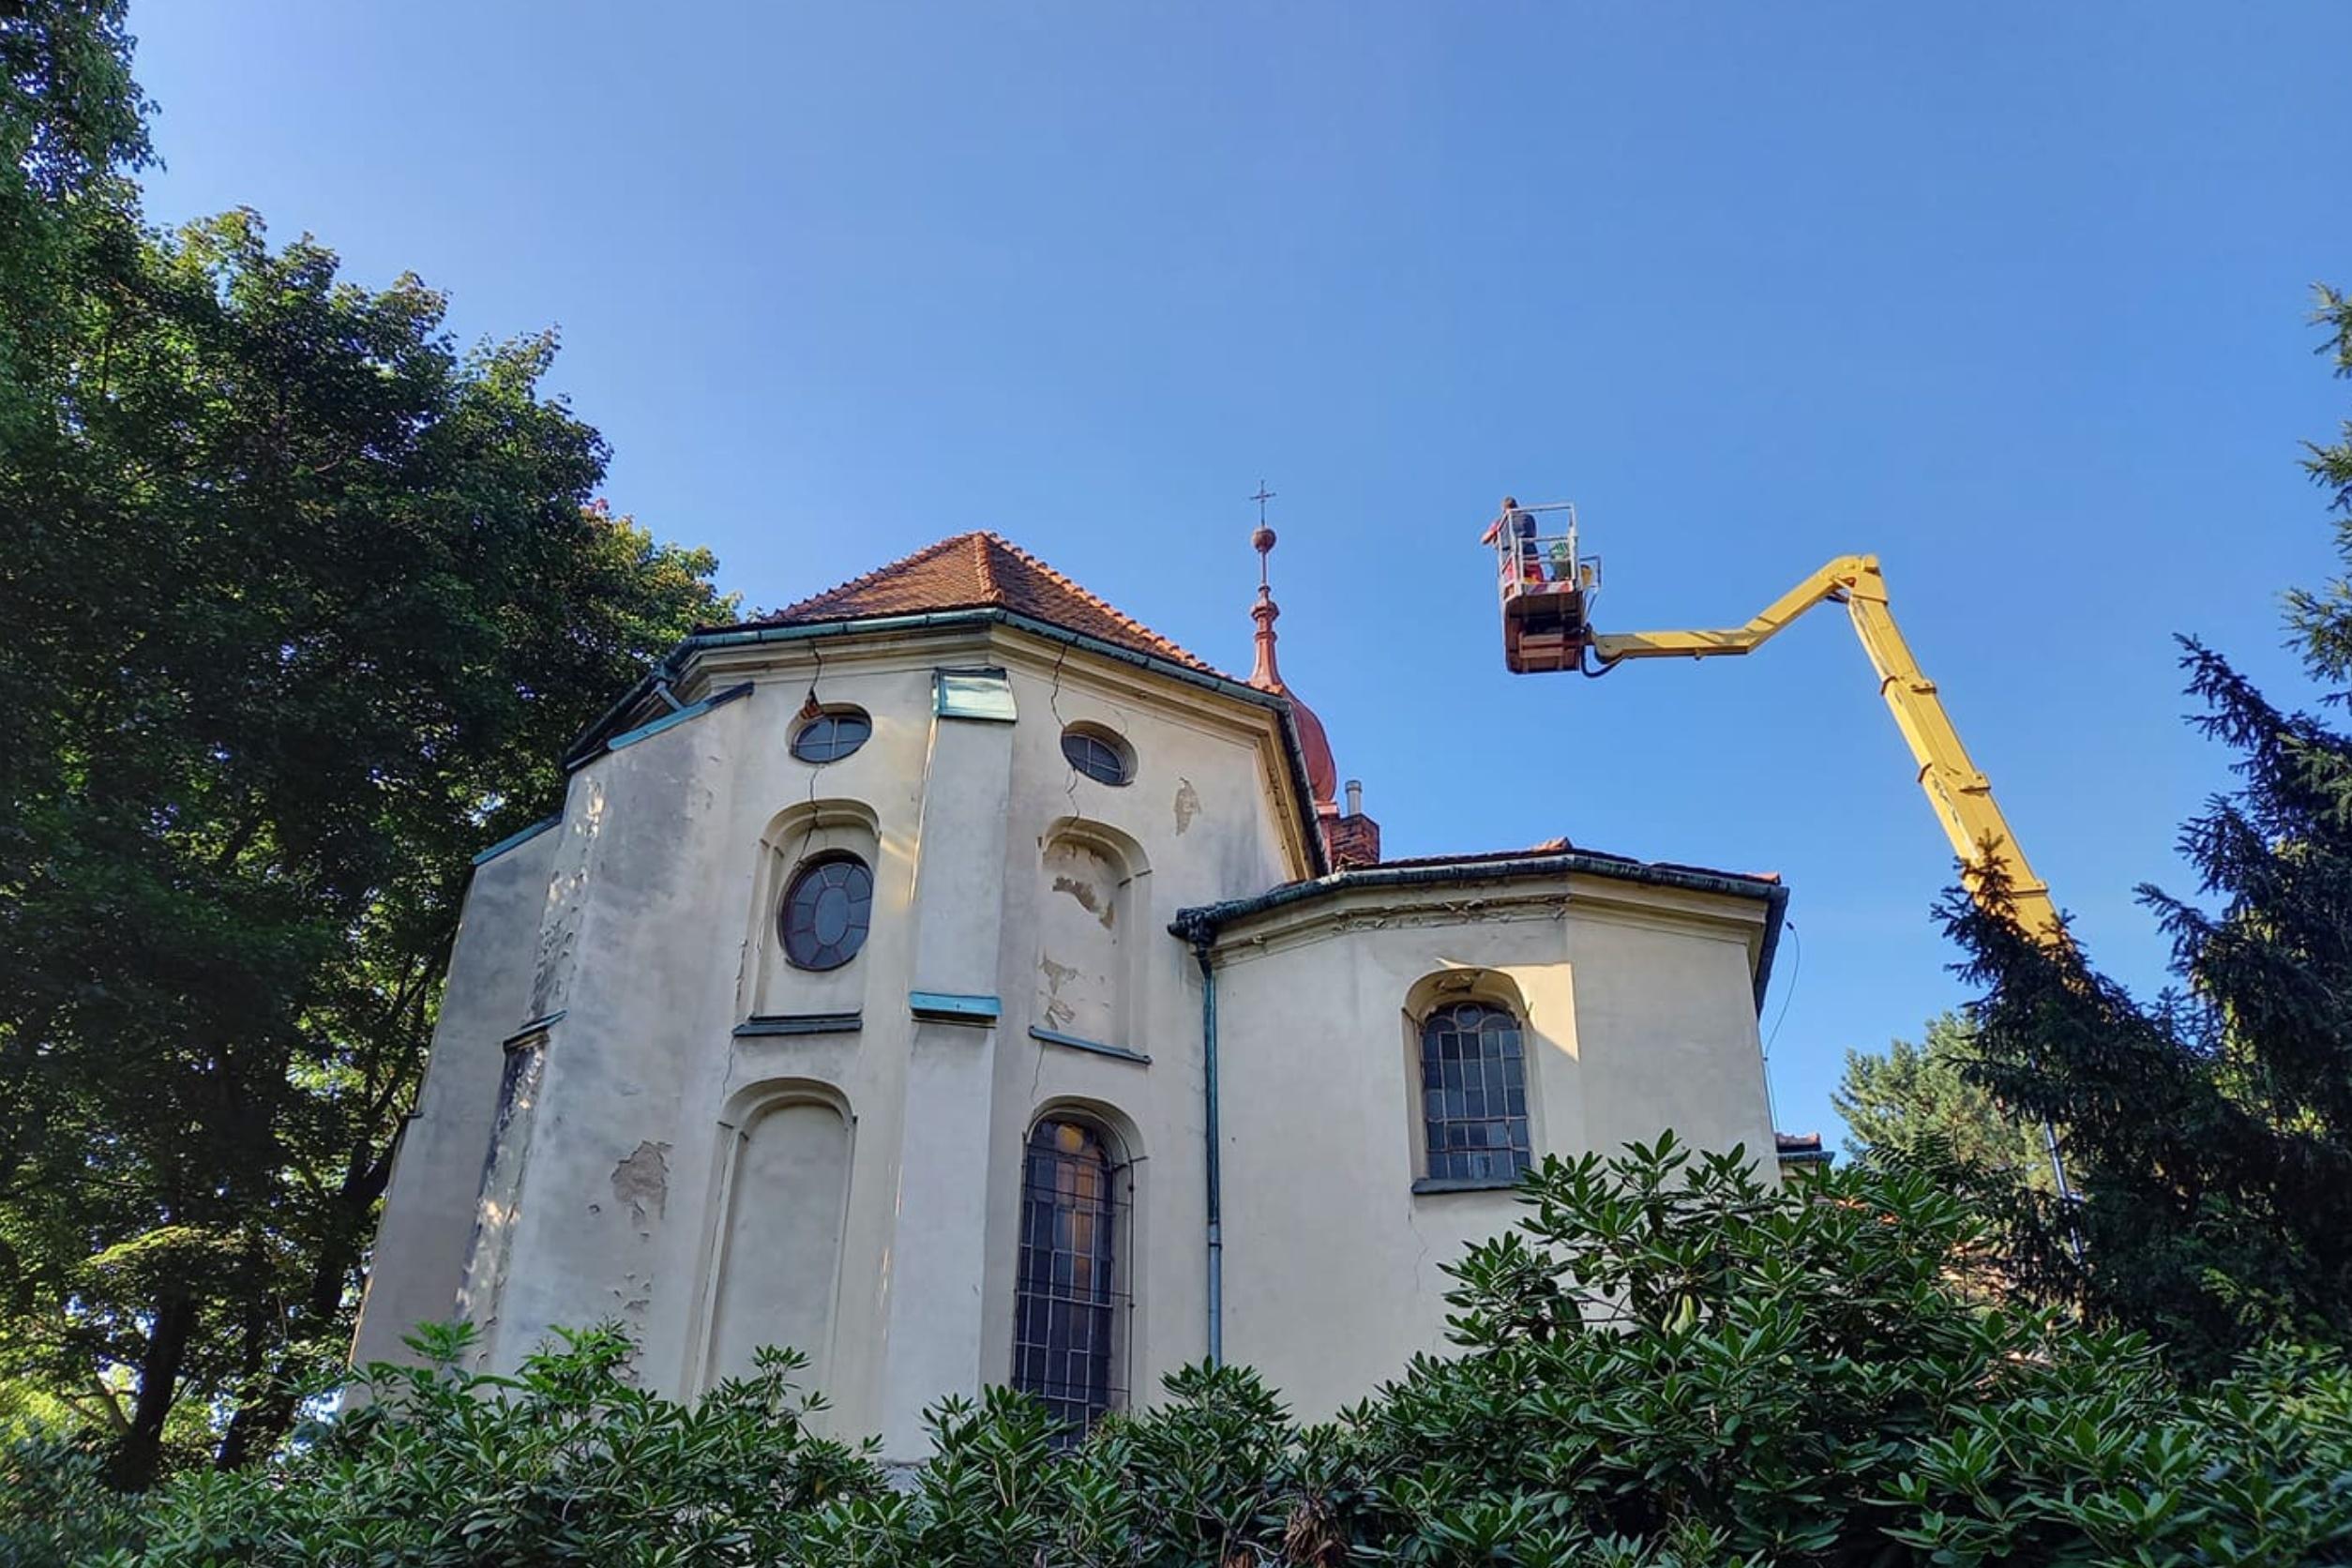 Údržbové práce na Kostele svatých Janů v Opavě